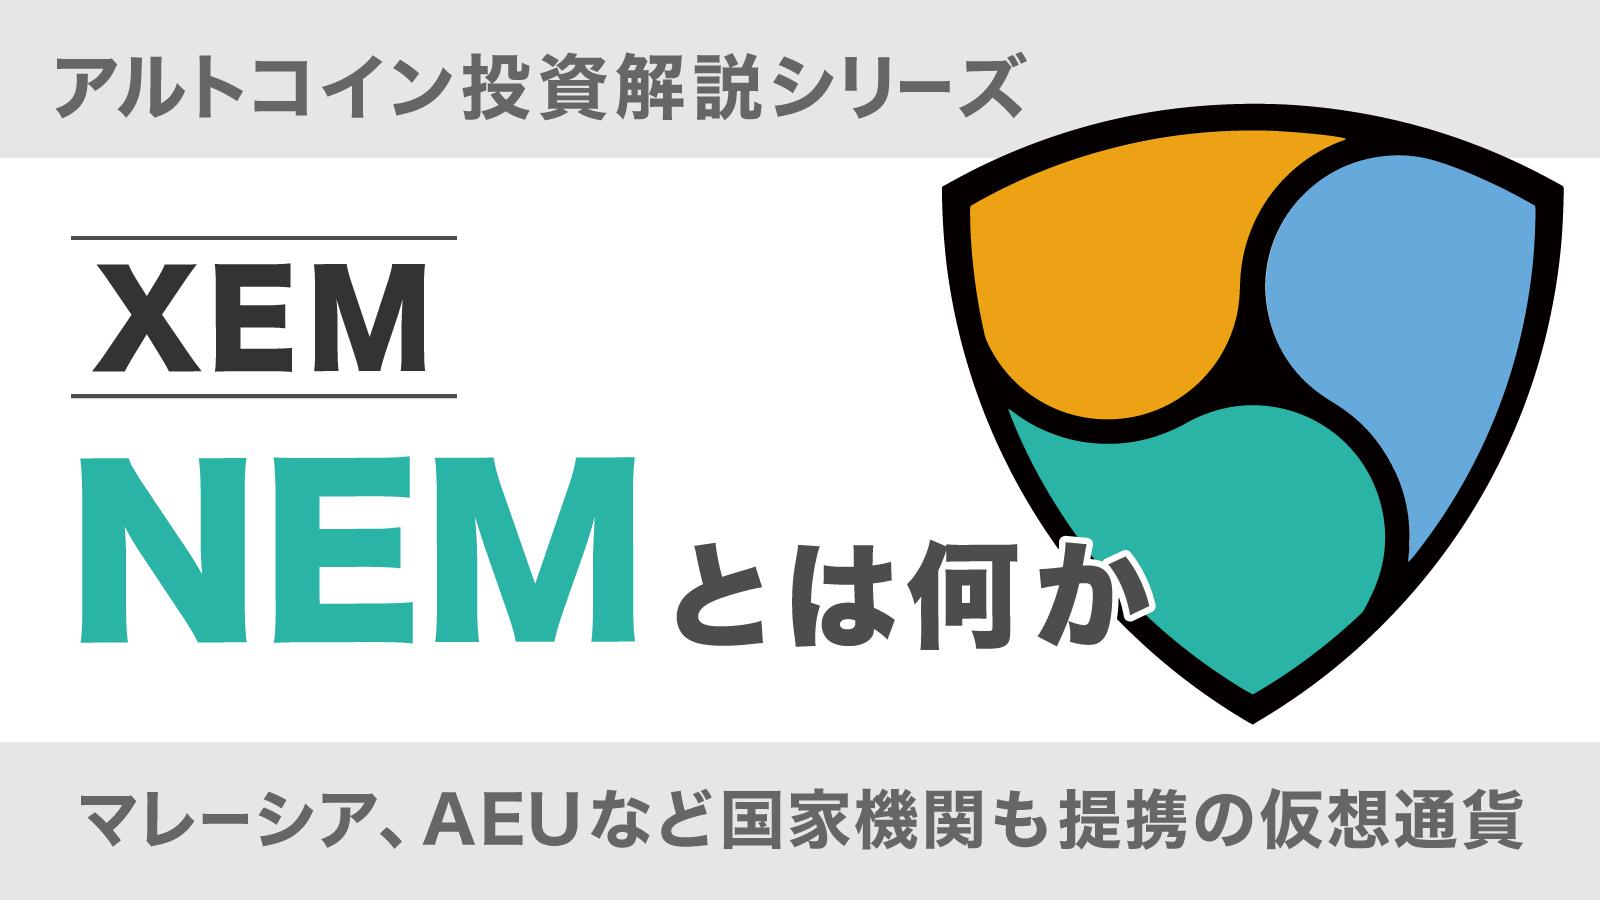 NEM とは何か - アルトコイン解説